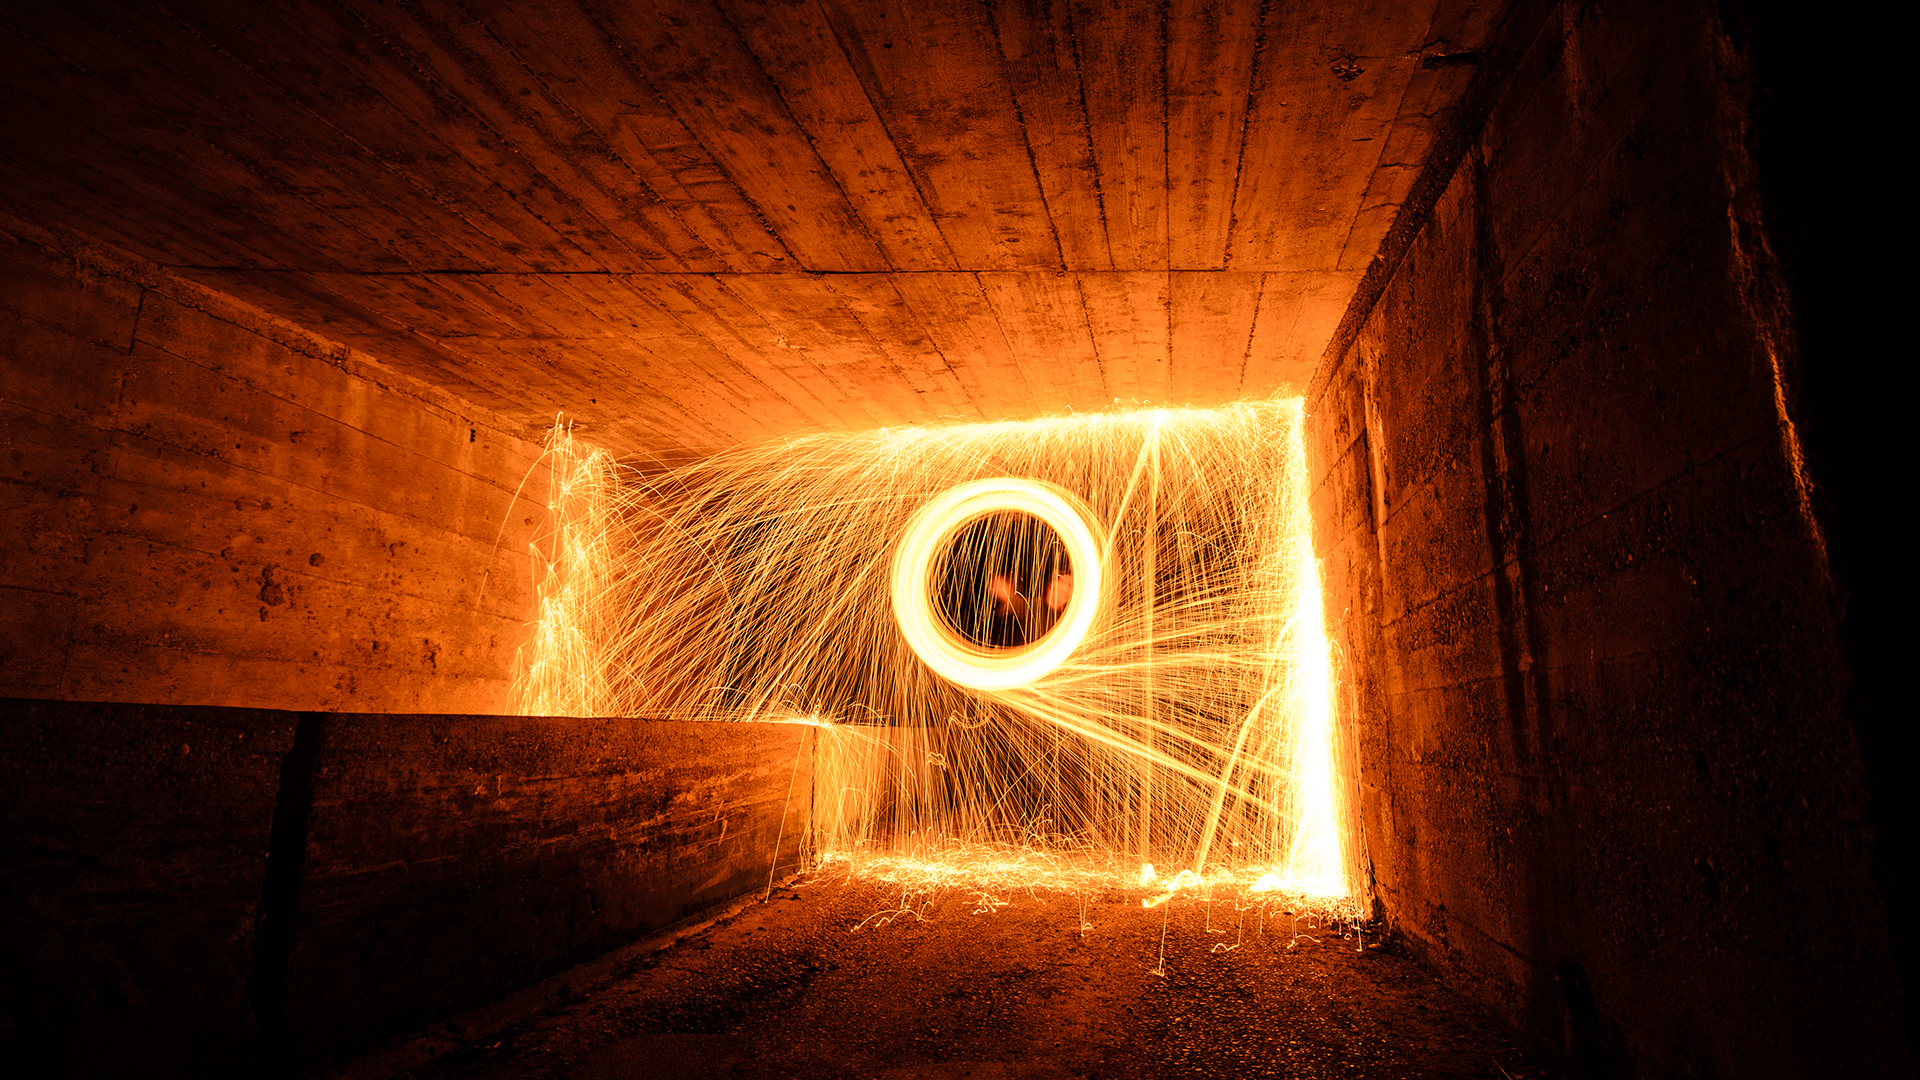 steelwoolinthetunnel_1920x1080